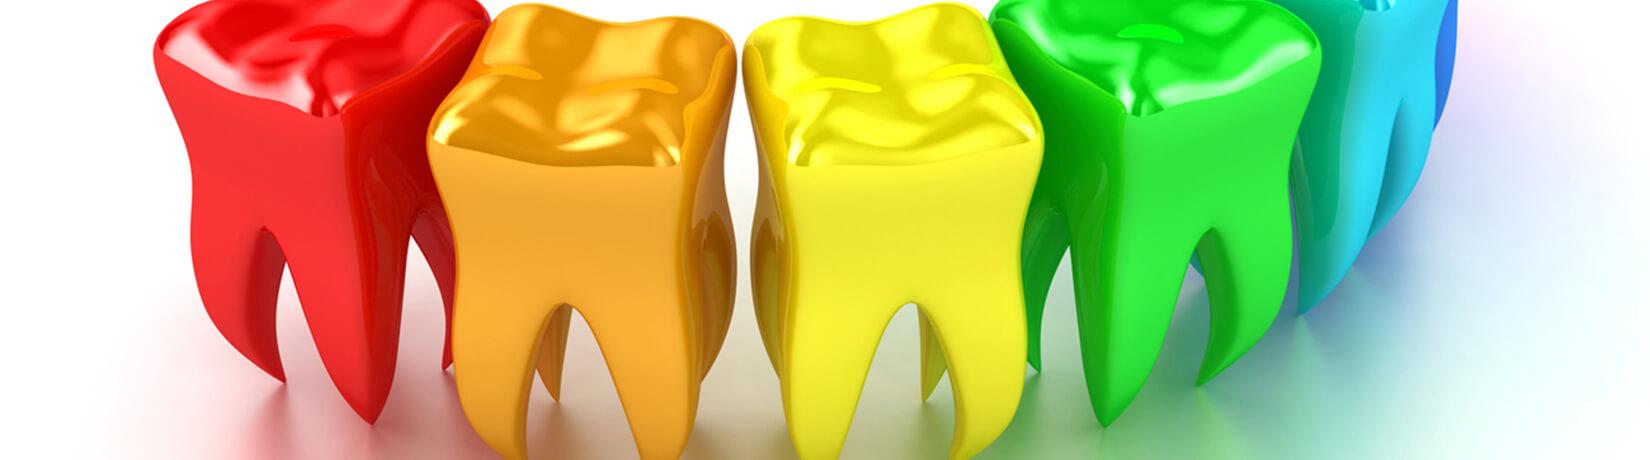 Как выбрать натуральную зубную пасту по тюбику?